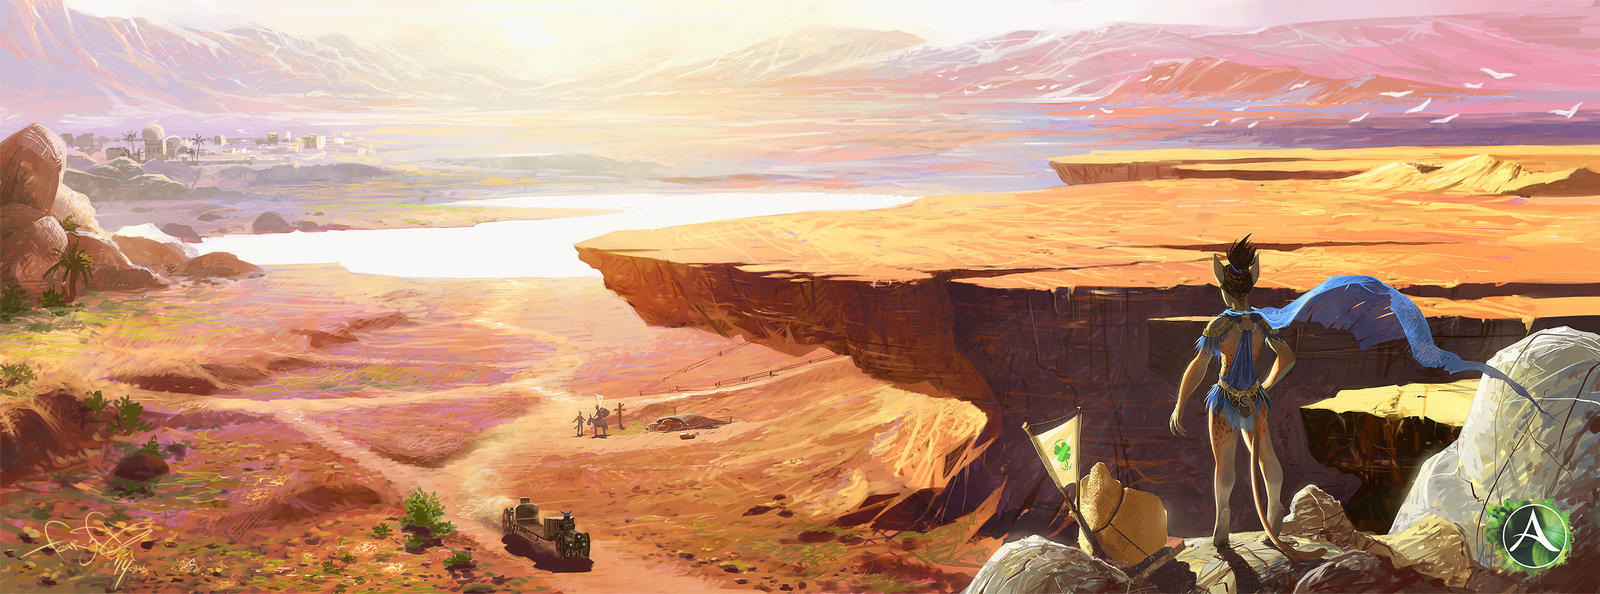 Archeage Rainbow Field by fear-sAs